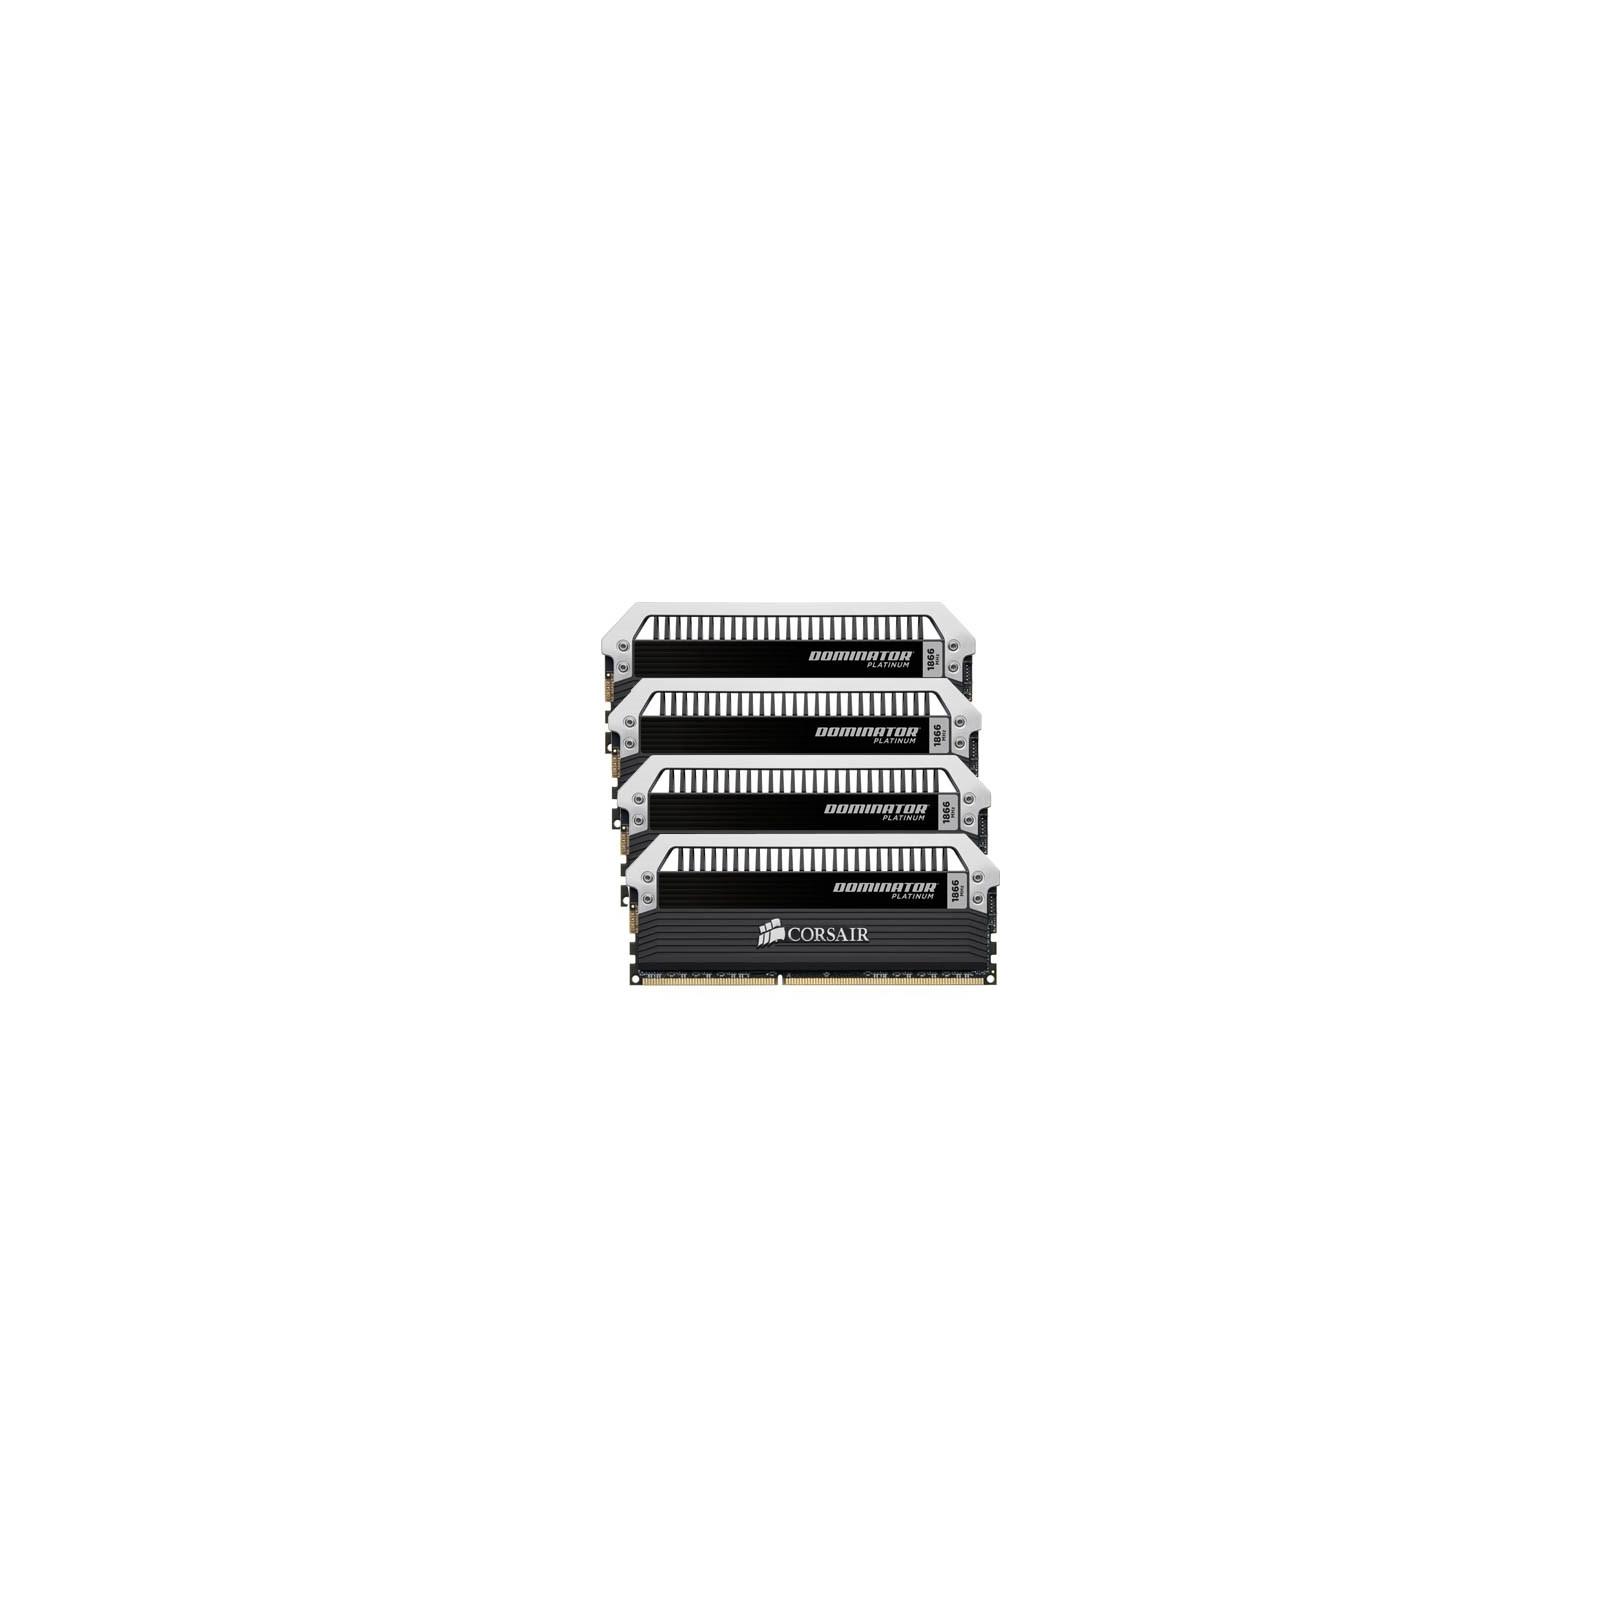 Модуль памяти для компьютера DDR3 16GB (4x4GB) 1866 MHz CORSAIR (CMD16GX3M4A1866C9)